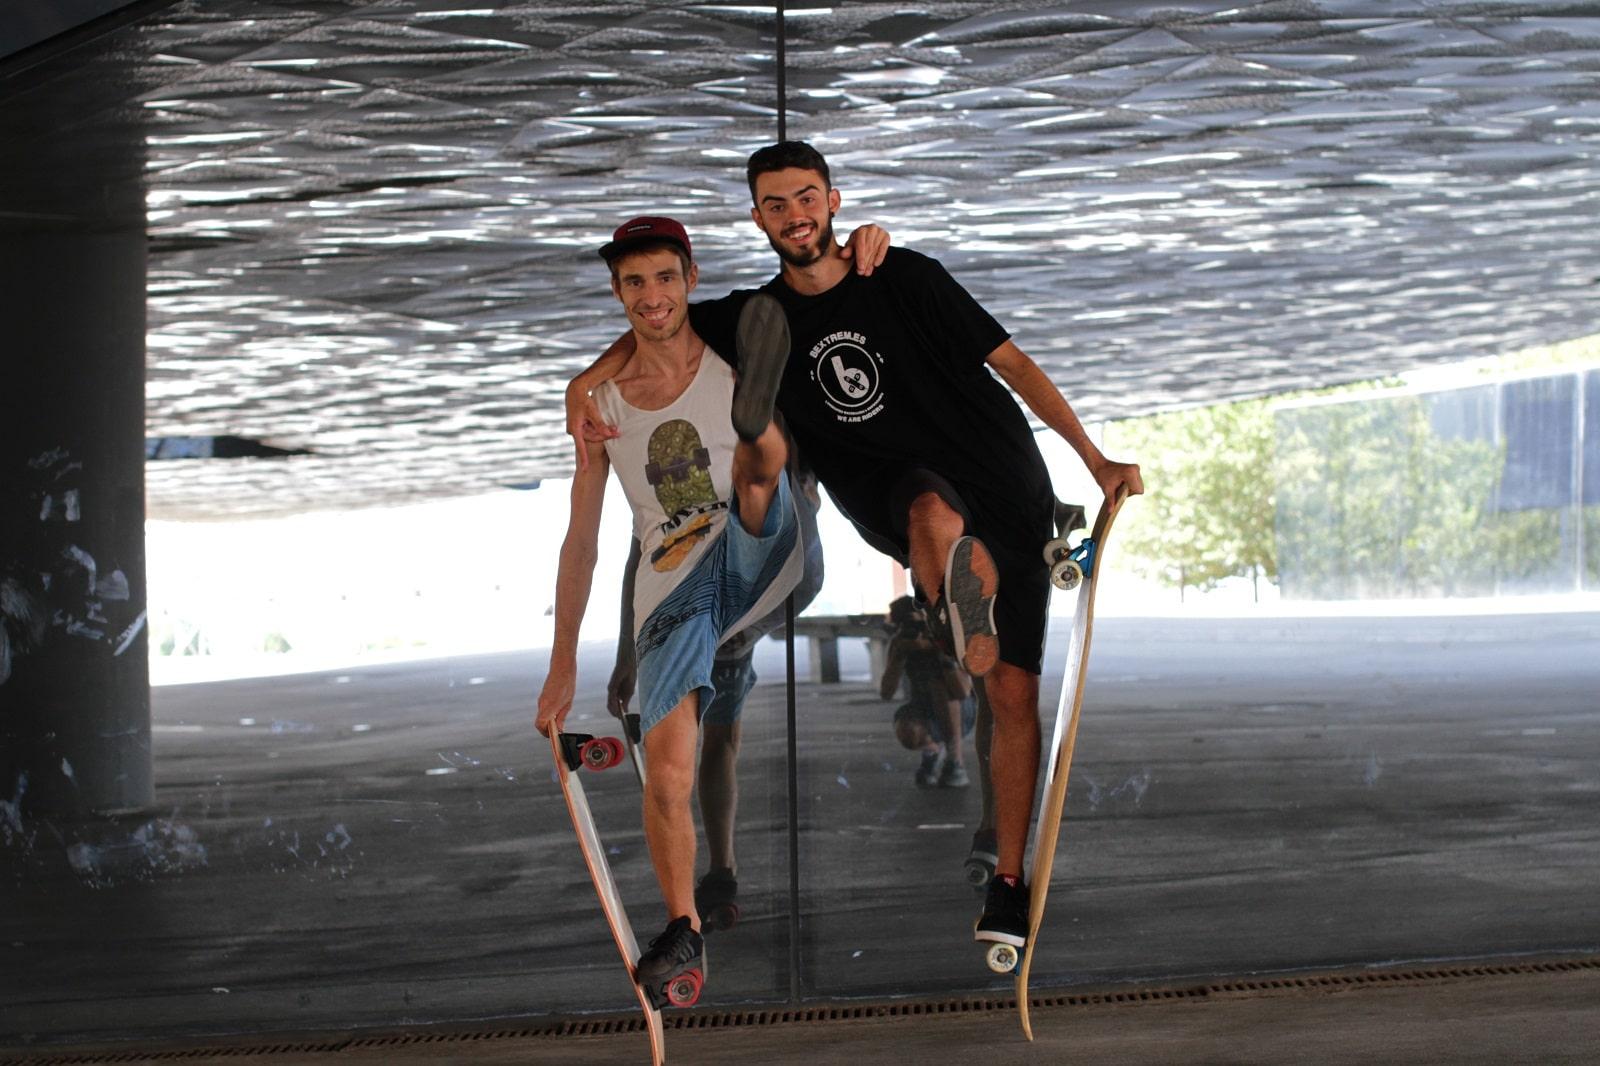 longboard trick